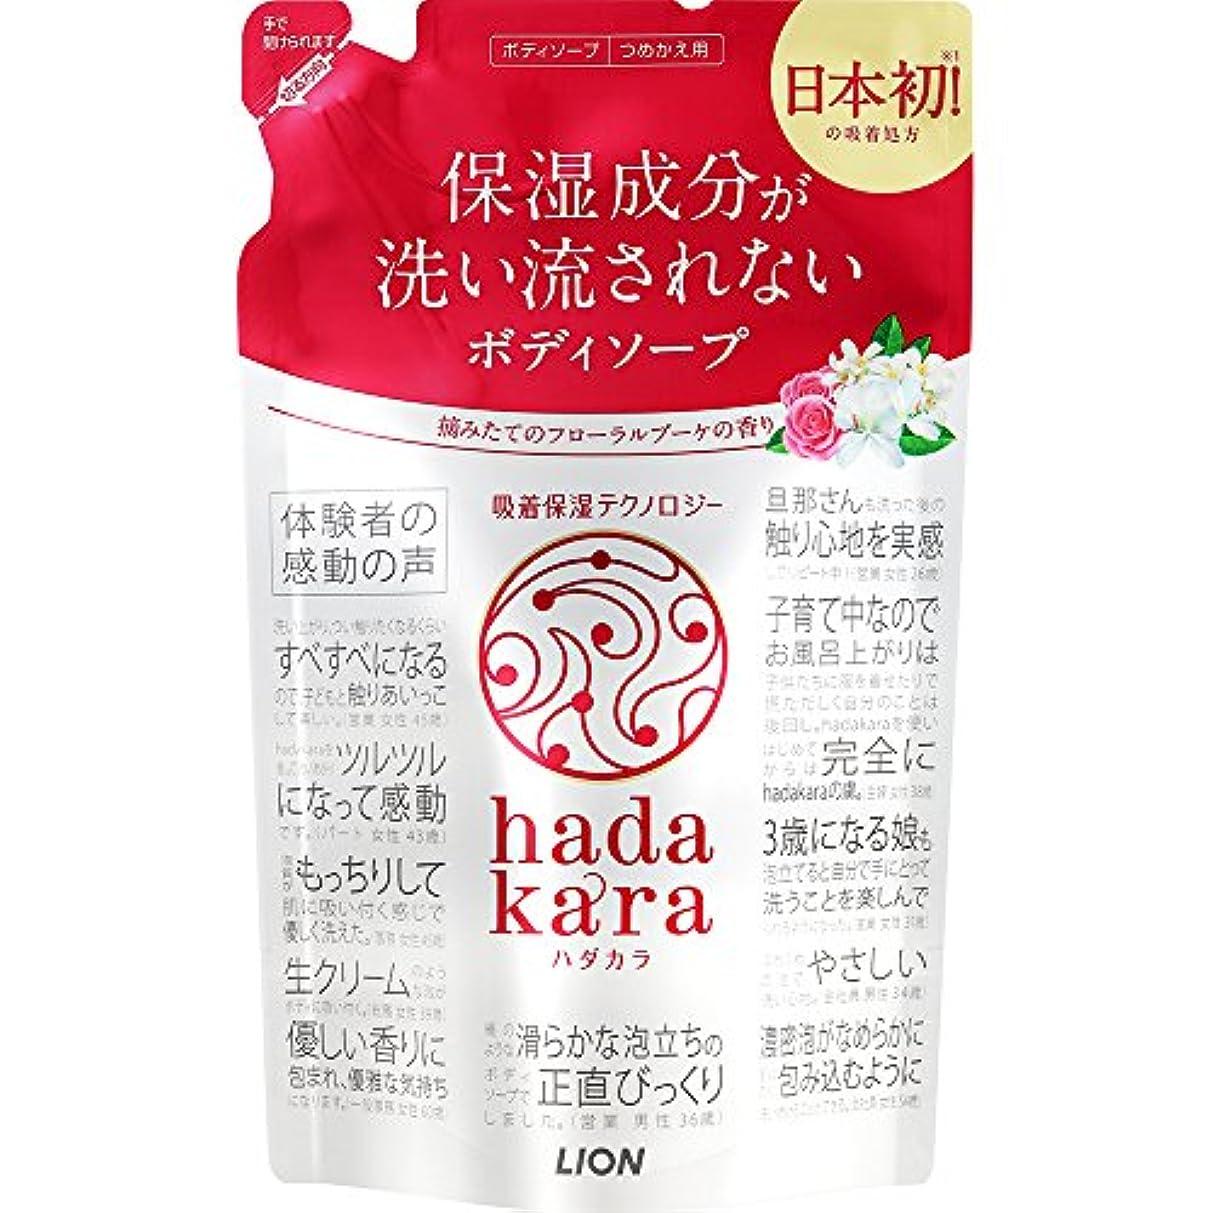 ソファーピーク別のhadakara(ハダカラ) ボディソープ フローラルブーケの香り 詰め替え 360ml